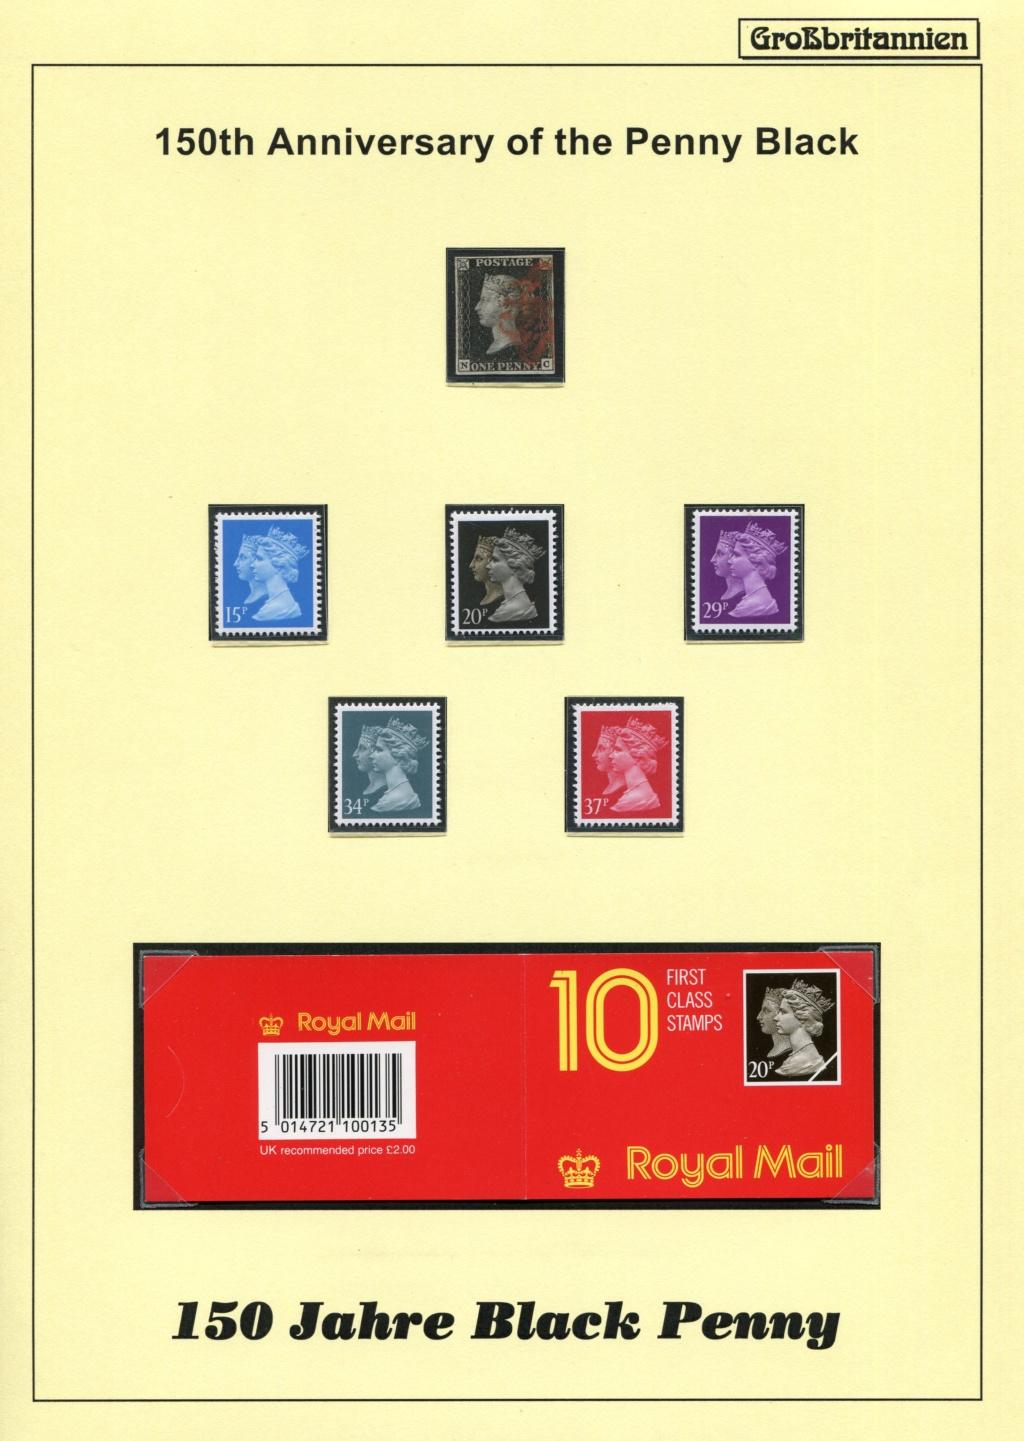 Großbritannien - 150 Jahre Briefmarken Black_11